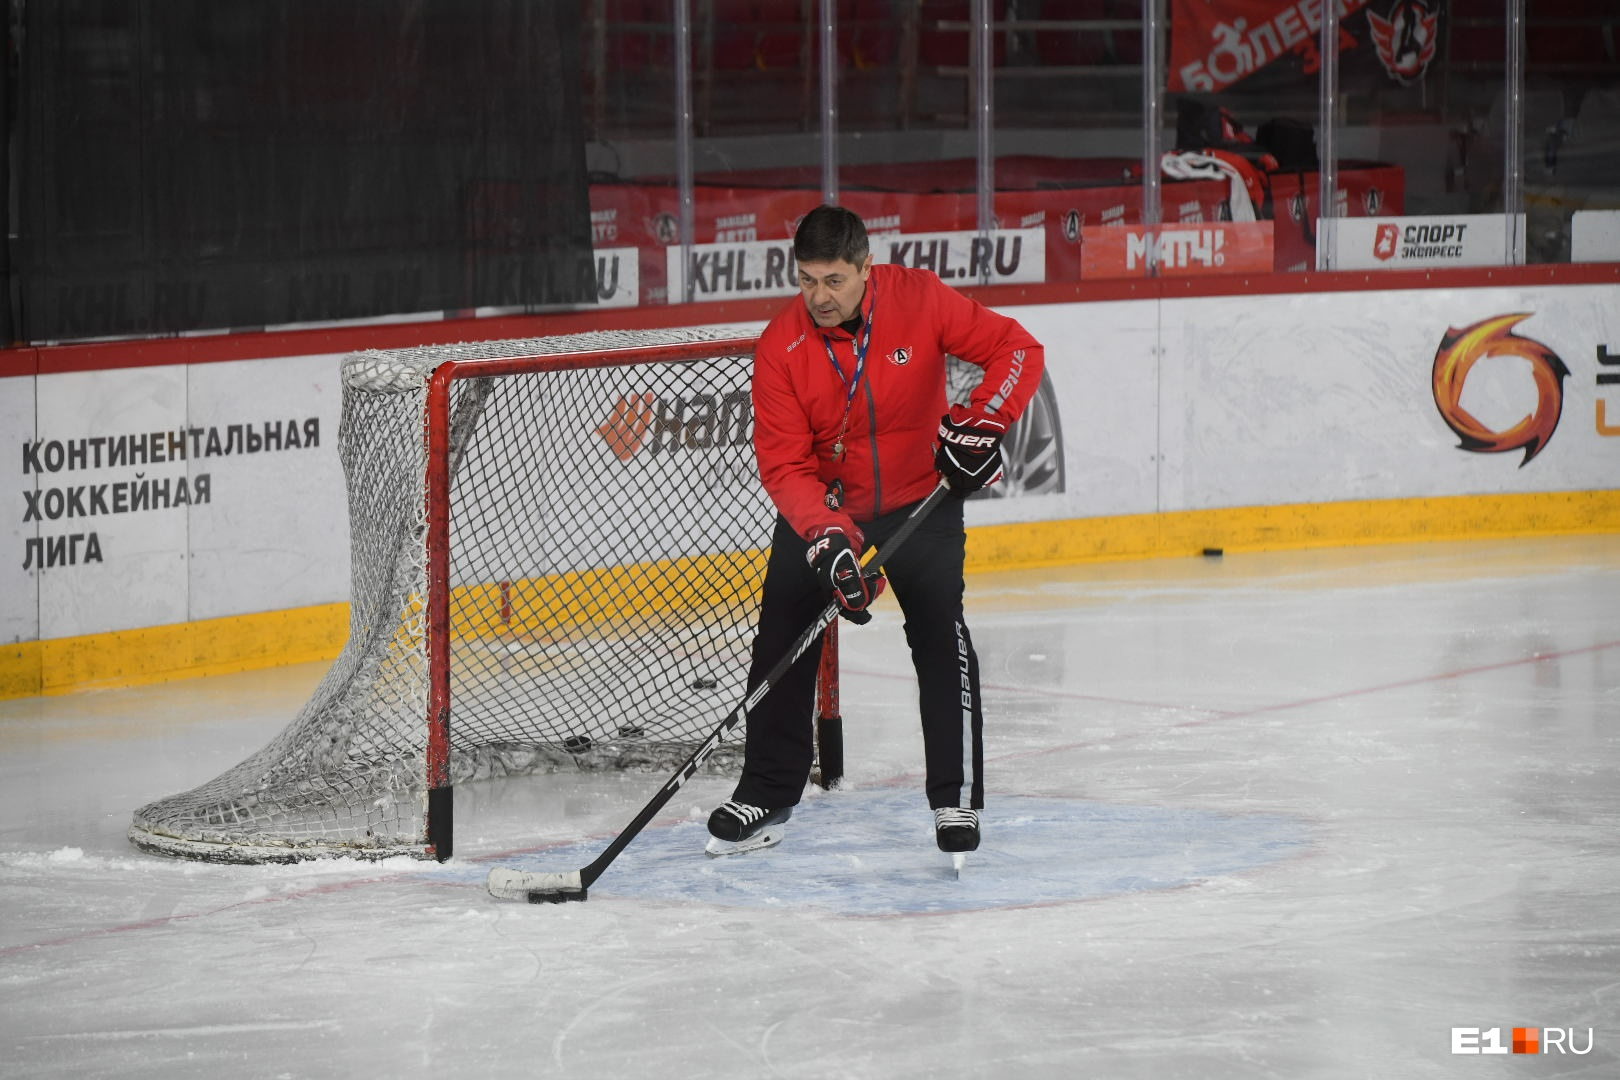 Главный тренер не проводит всю тренировку на скамейке и тоже выходит на лед